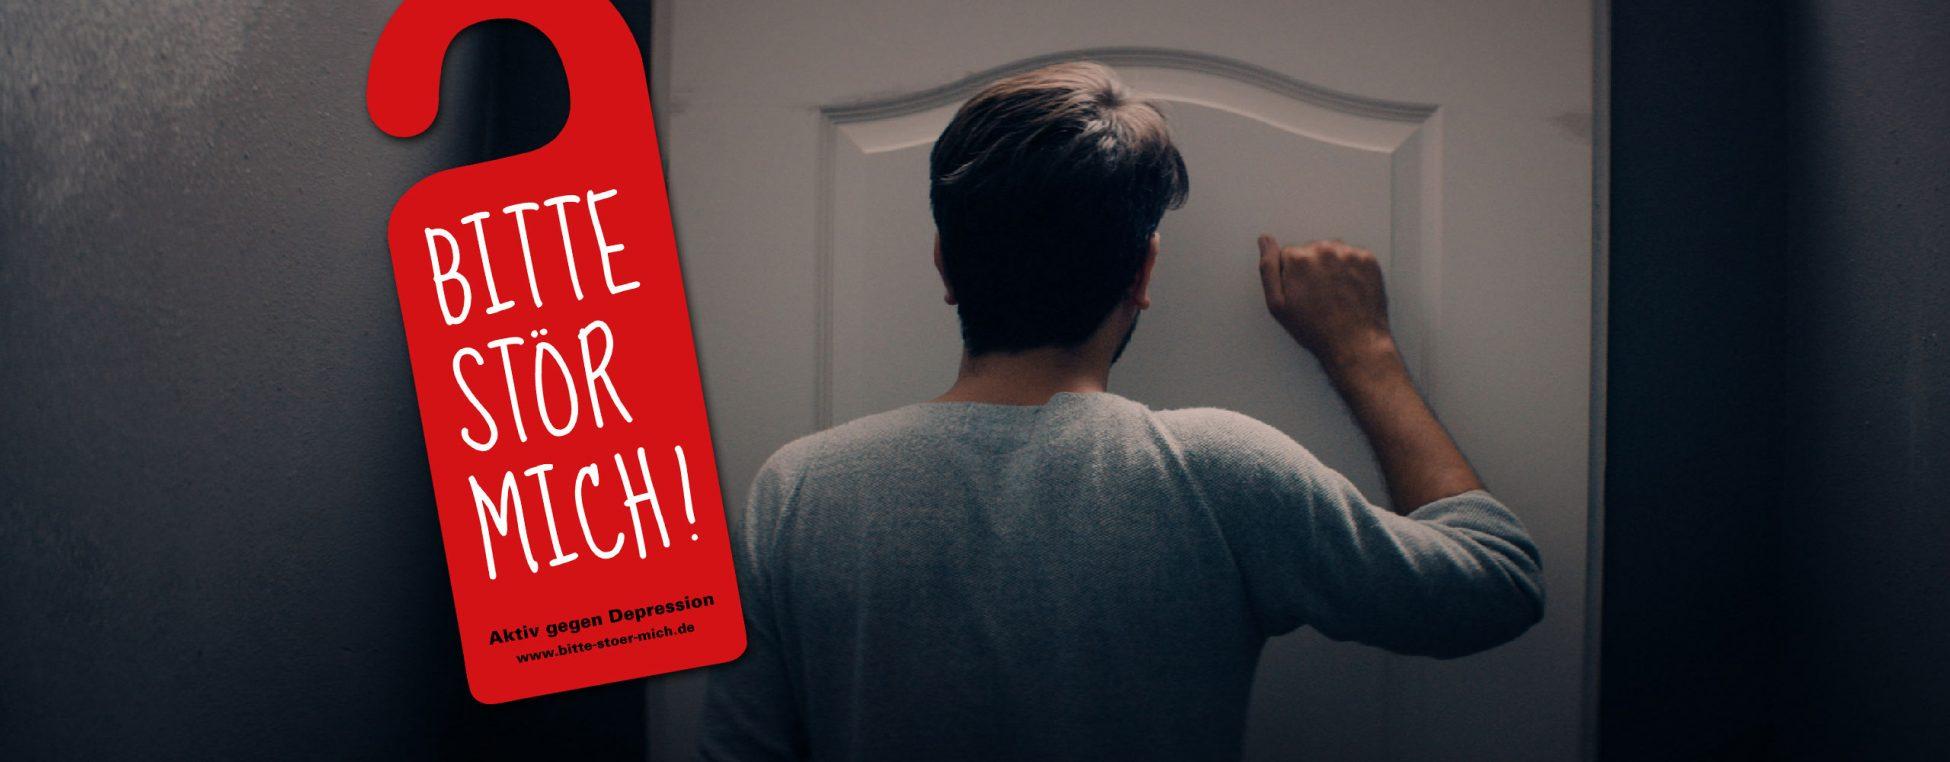 Bild der Kampagne Bitte stör mich! – Aktiv gegen Depression in Zeiten der Corona-Krise